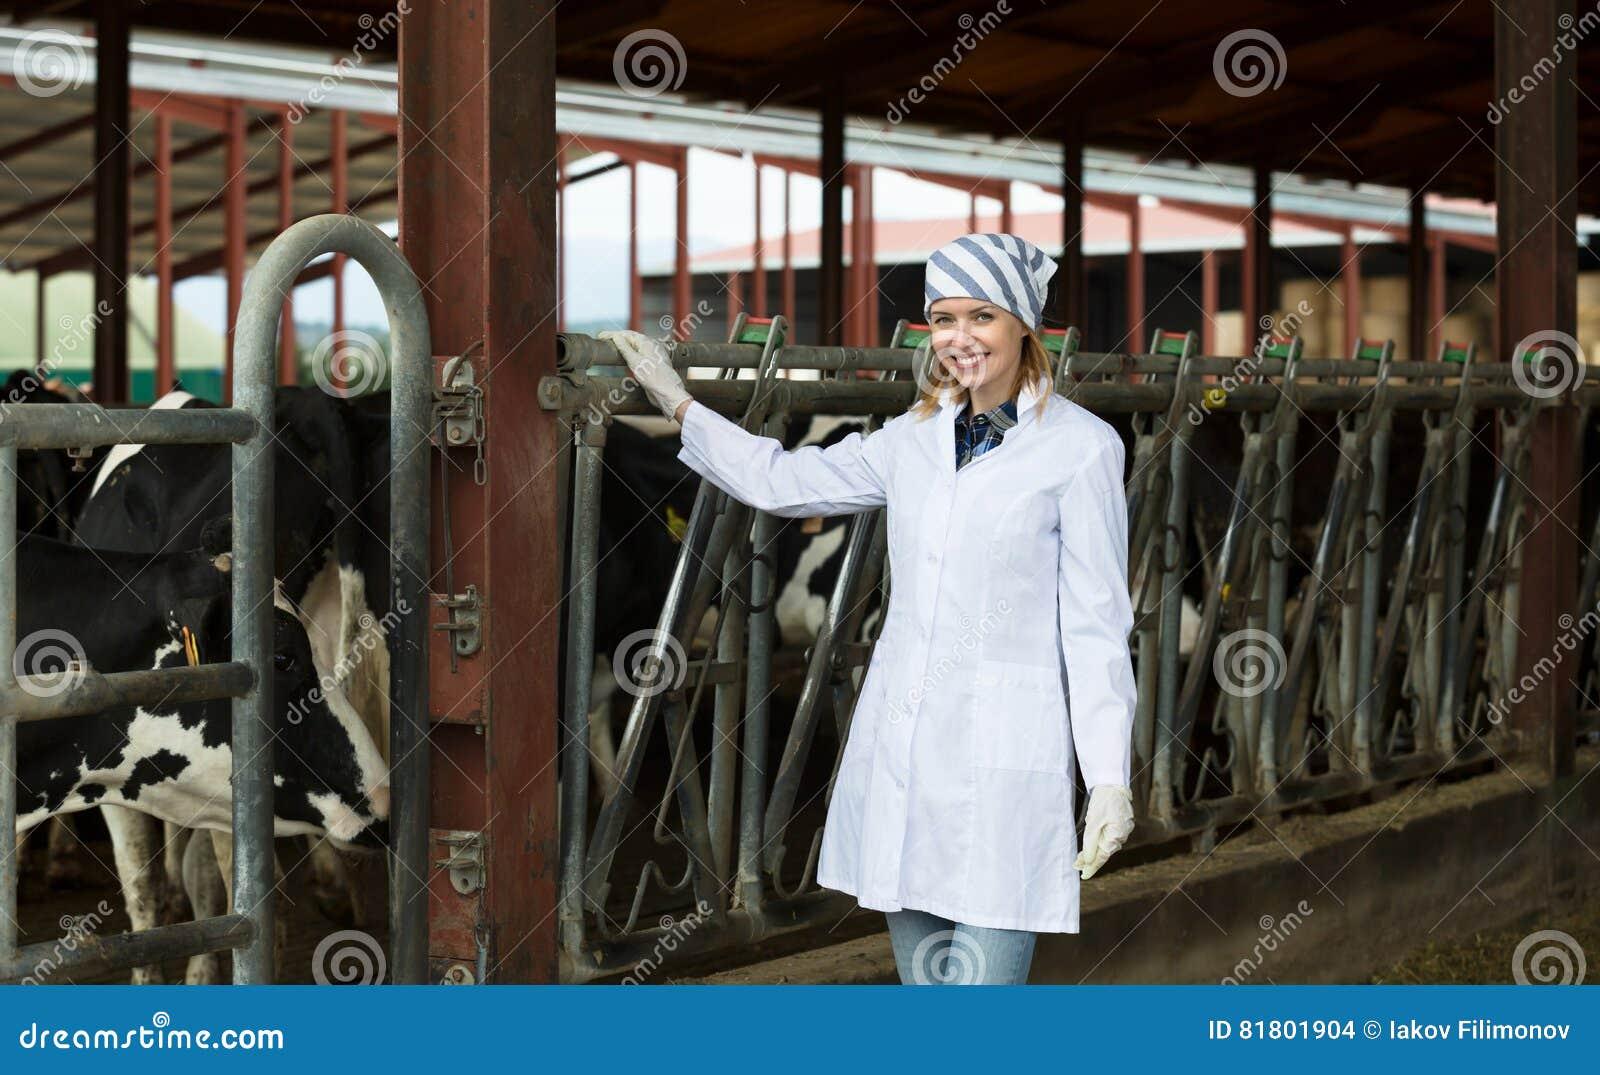 Ветеринарный техник с молочными скотами